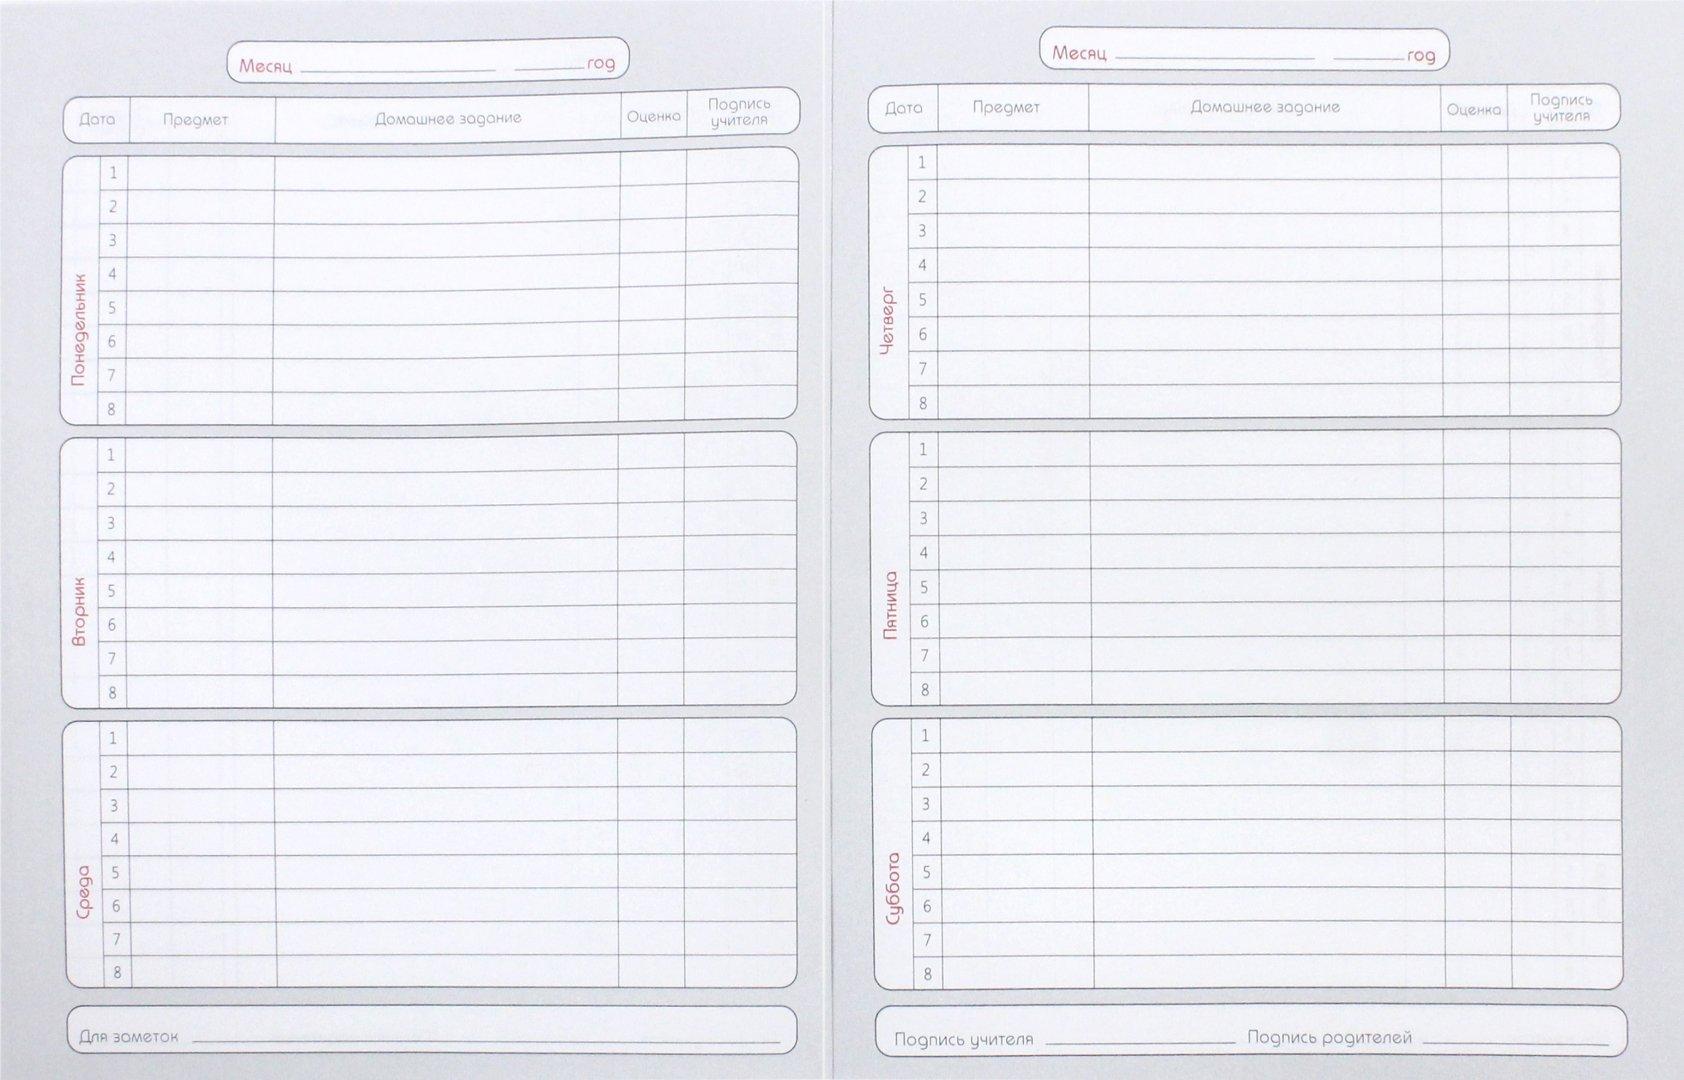 дневник разворот картинка заполнить данные